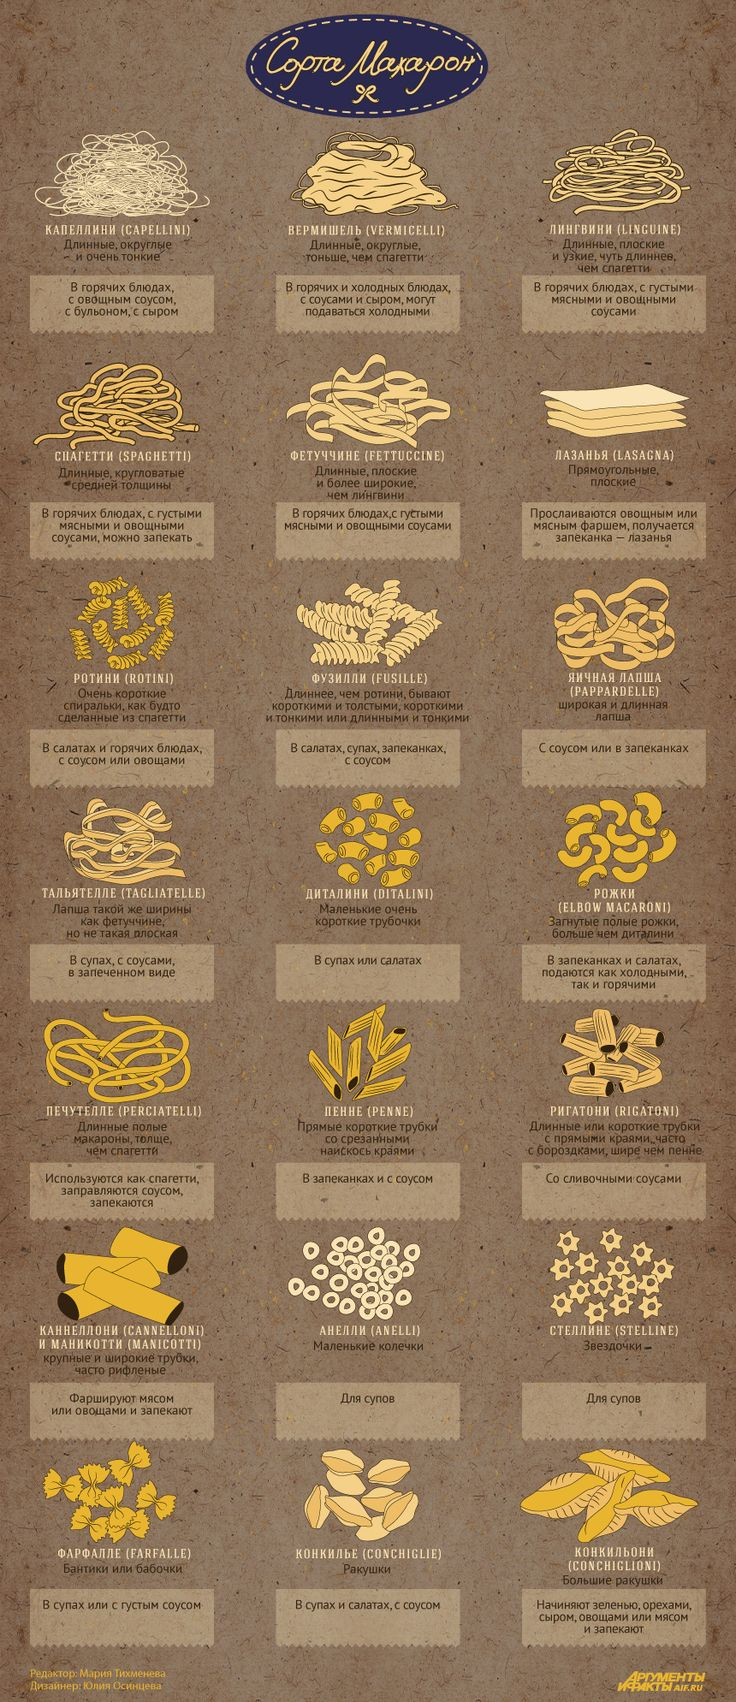 Макароны: сорта и способы приготовления. Инфографика - Продукты и напитки - Кухня - Аргументы и Факты